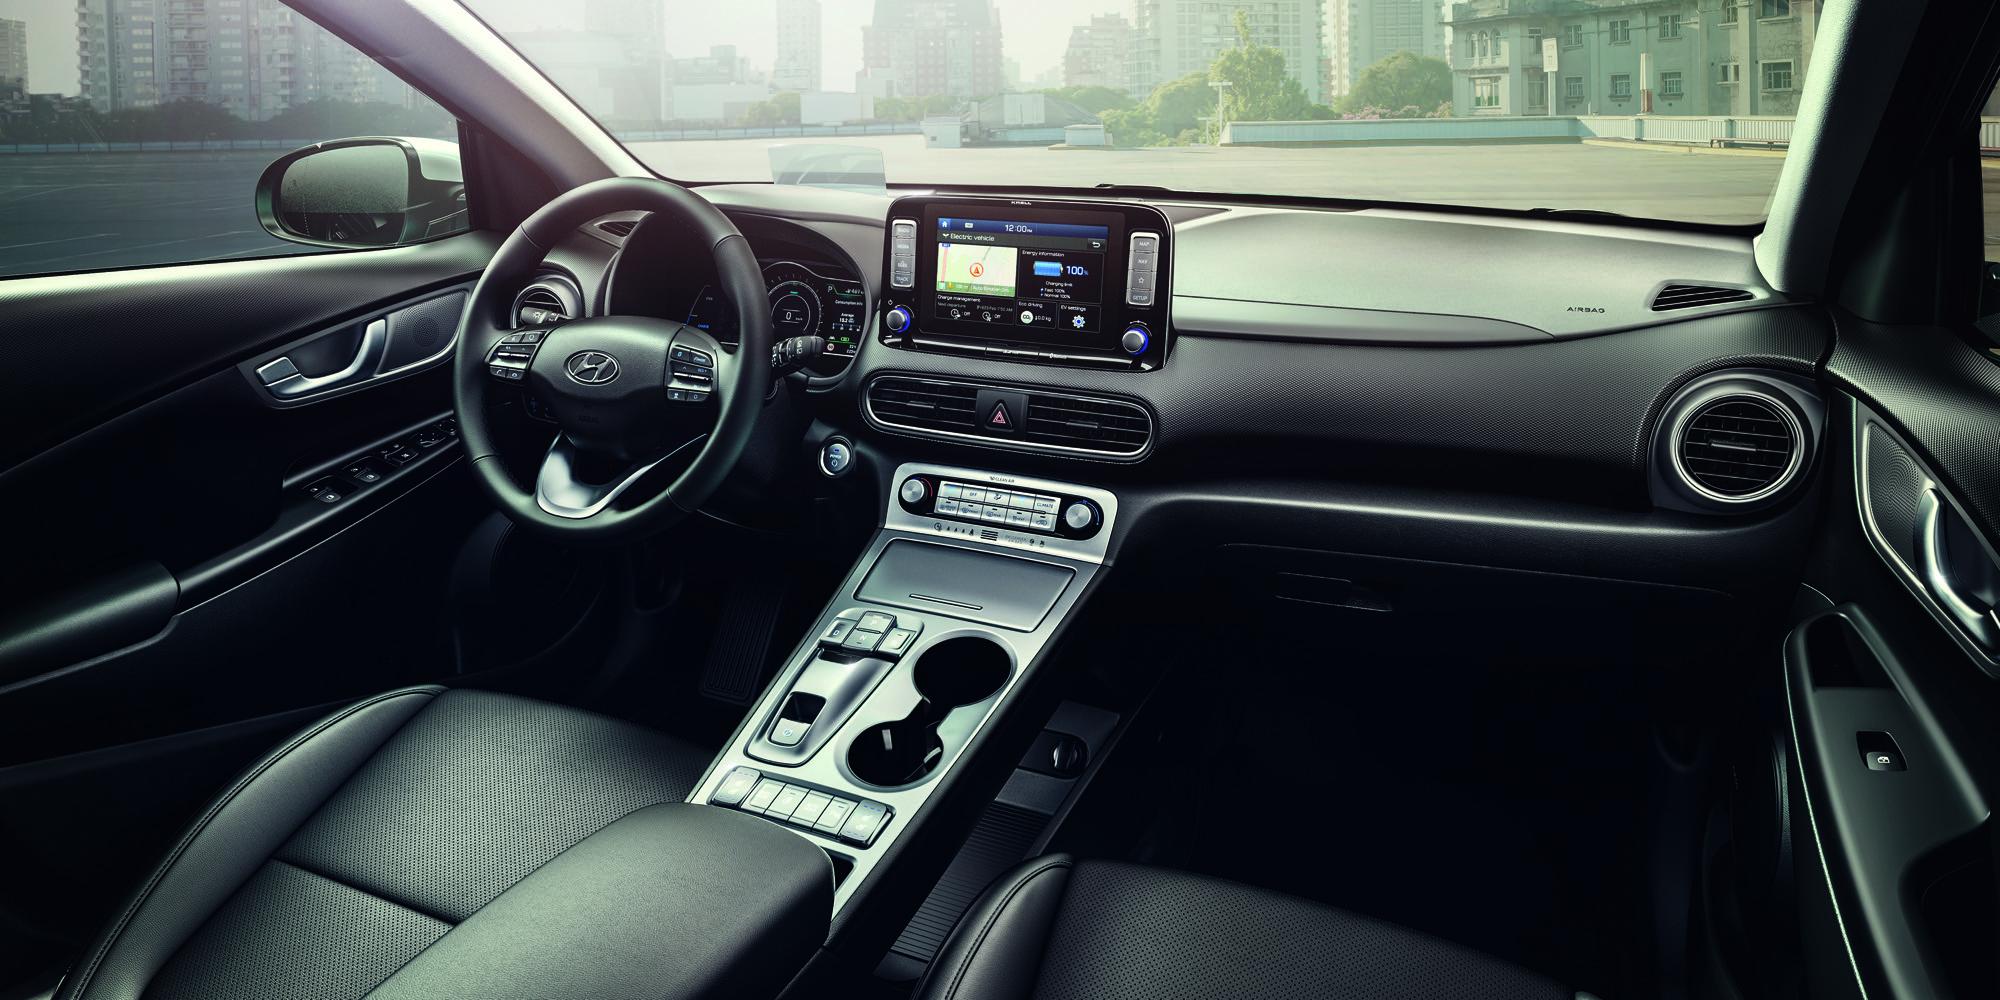 Das Interieur des Hyundai Kona Elektro bietet Hightech wie die Drive-by-Wire Schaltung mittels Tasten